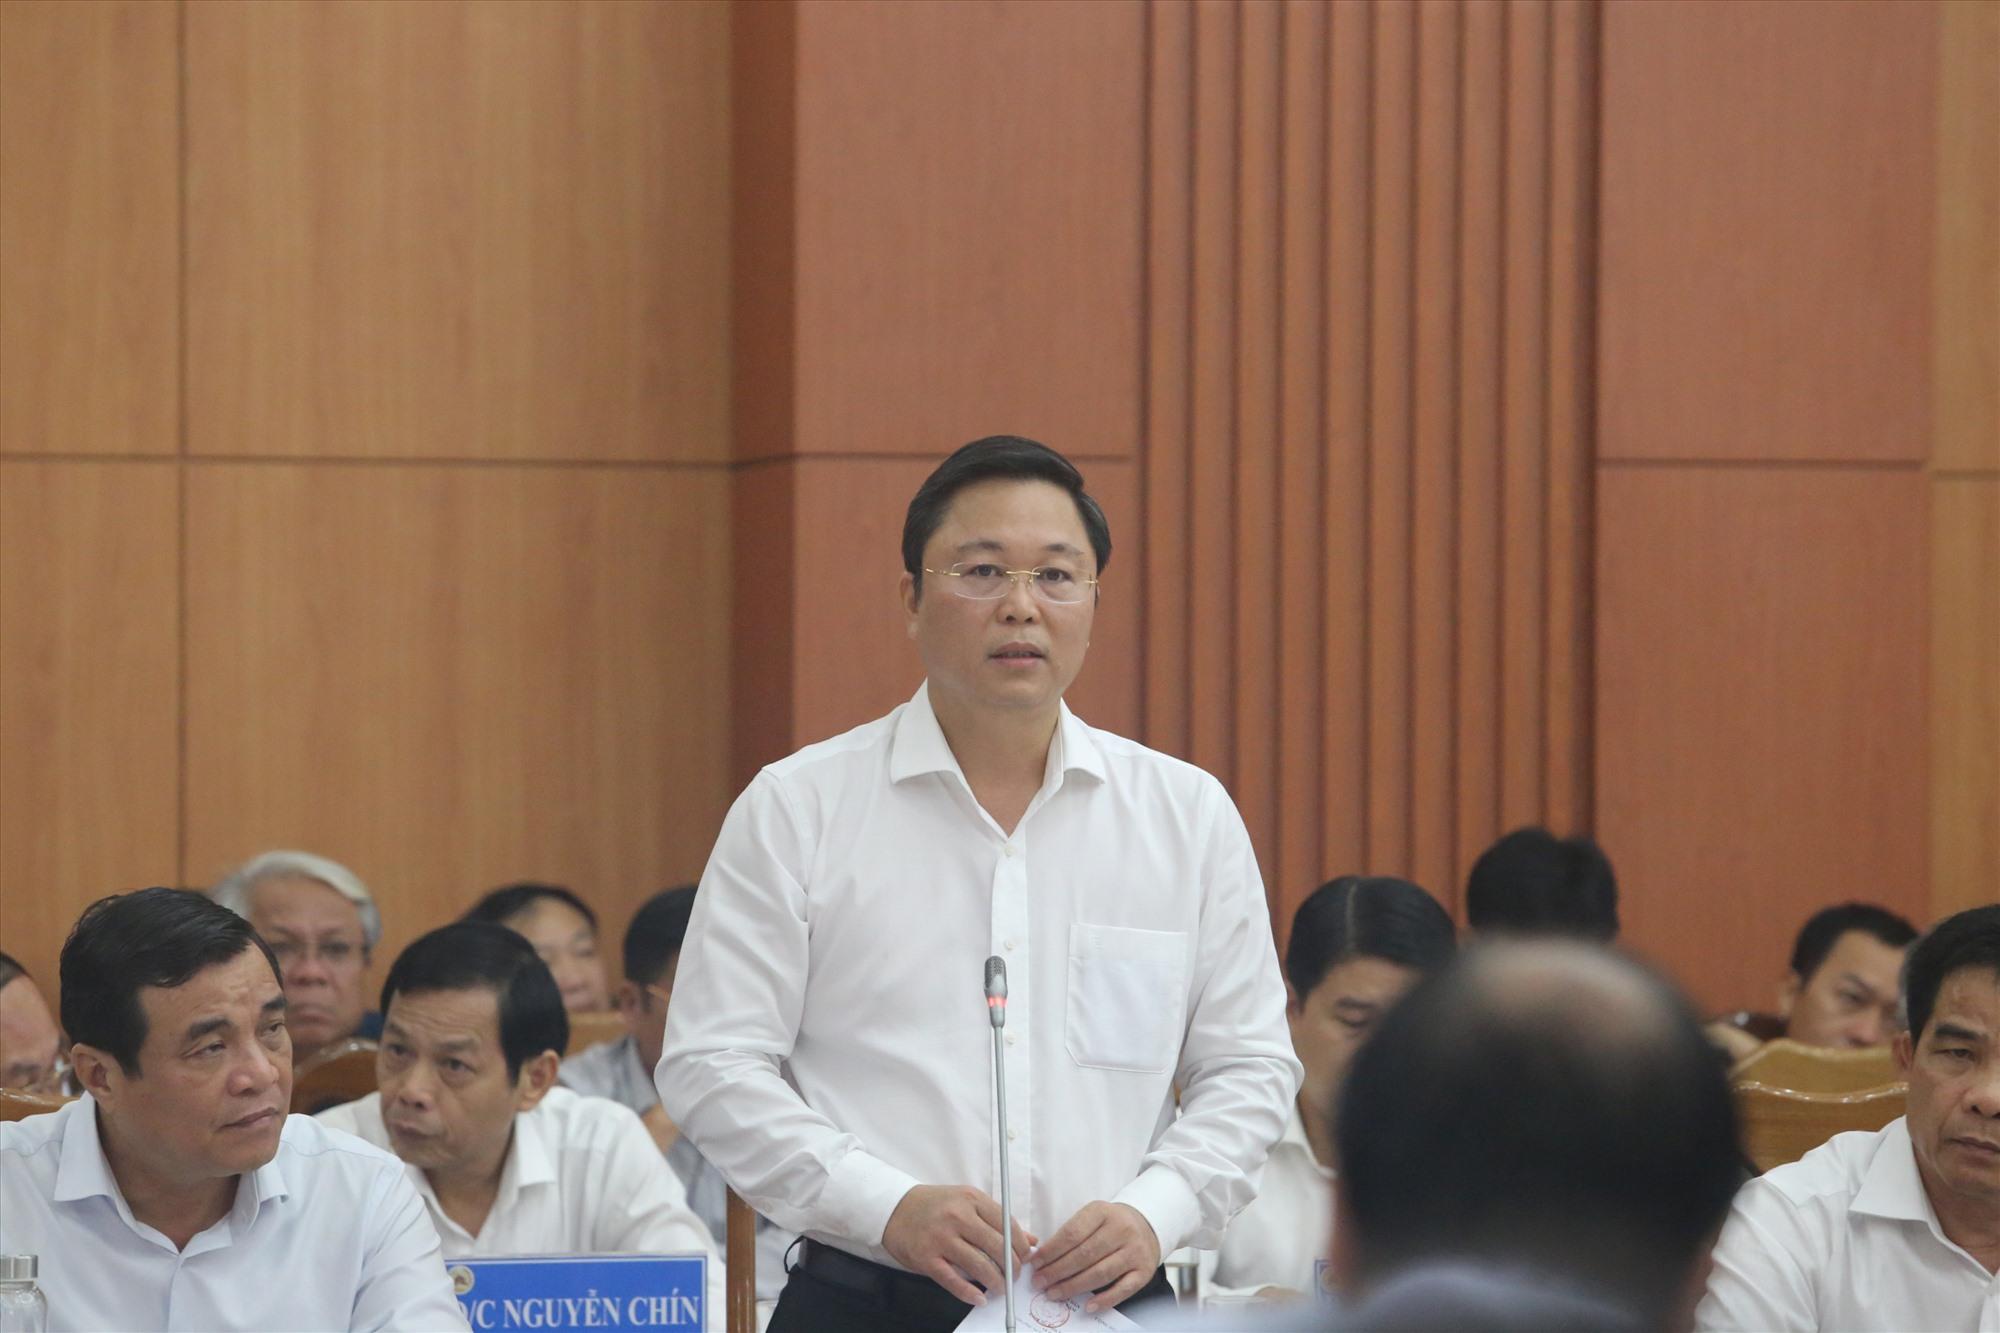 Chủ tịch UBND tỉnh Lê Trí Thanh báo cáo về công tác phòng chống, khắc phục bão số 9 trên địa bàn tỉnh.